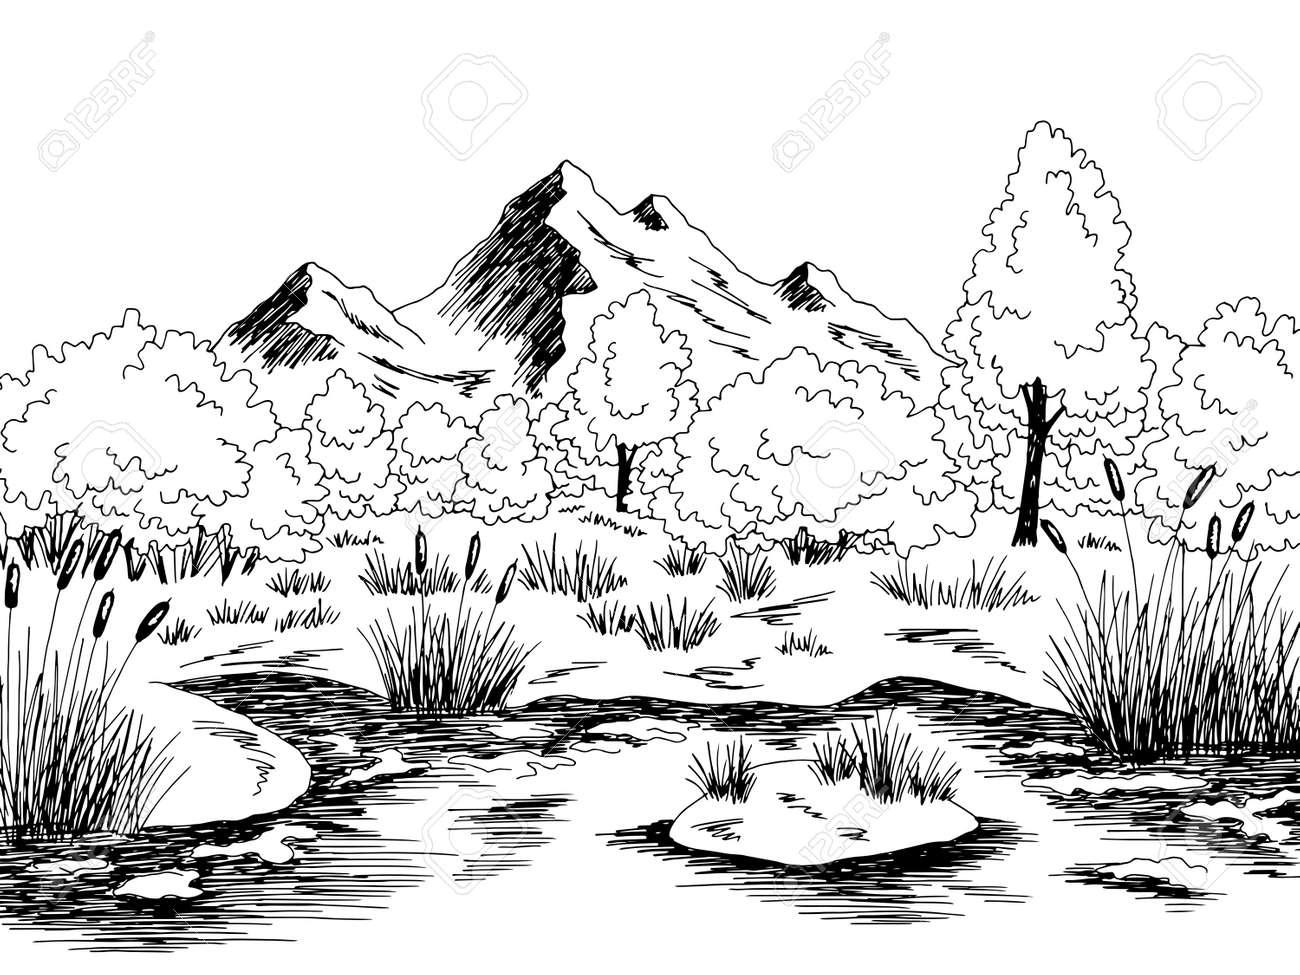 Bog swamp graphic black white landscape sketch illustration vector - 151420032